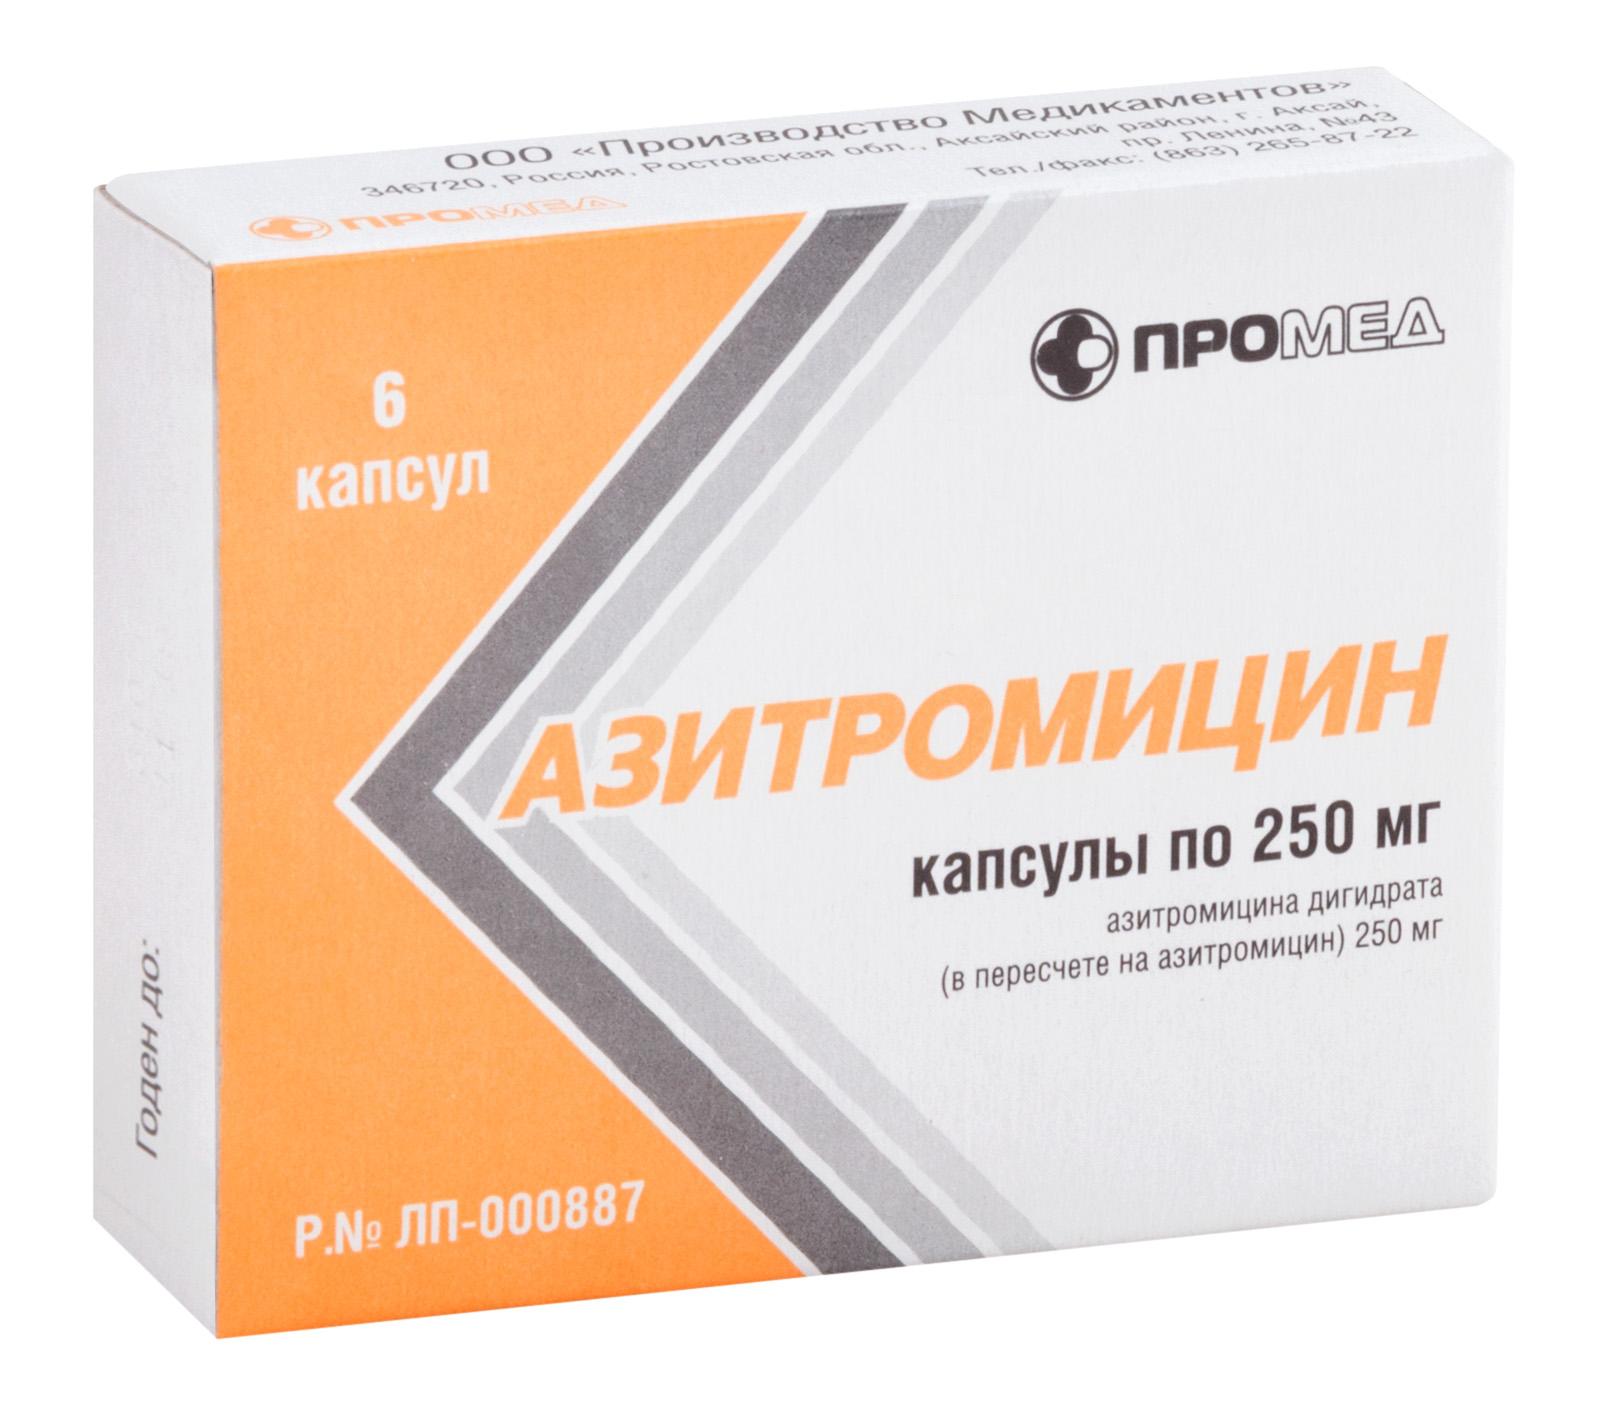 Азитромицин капсулы 250мг №6 Промед